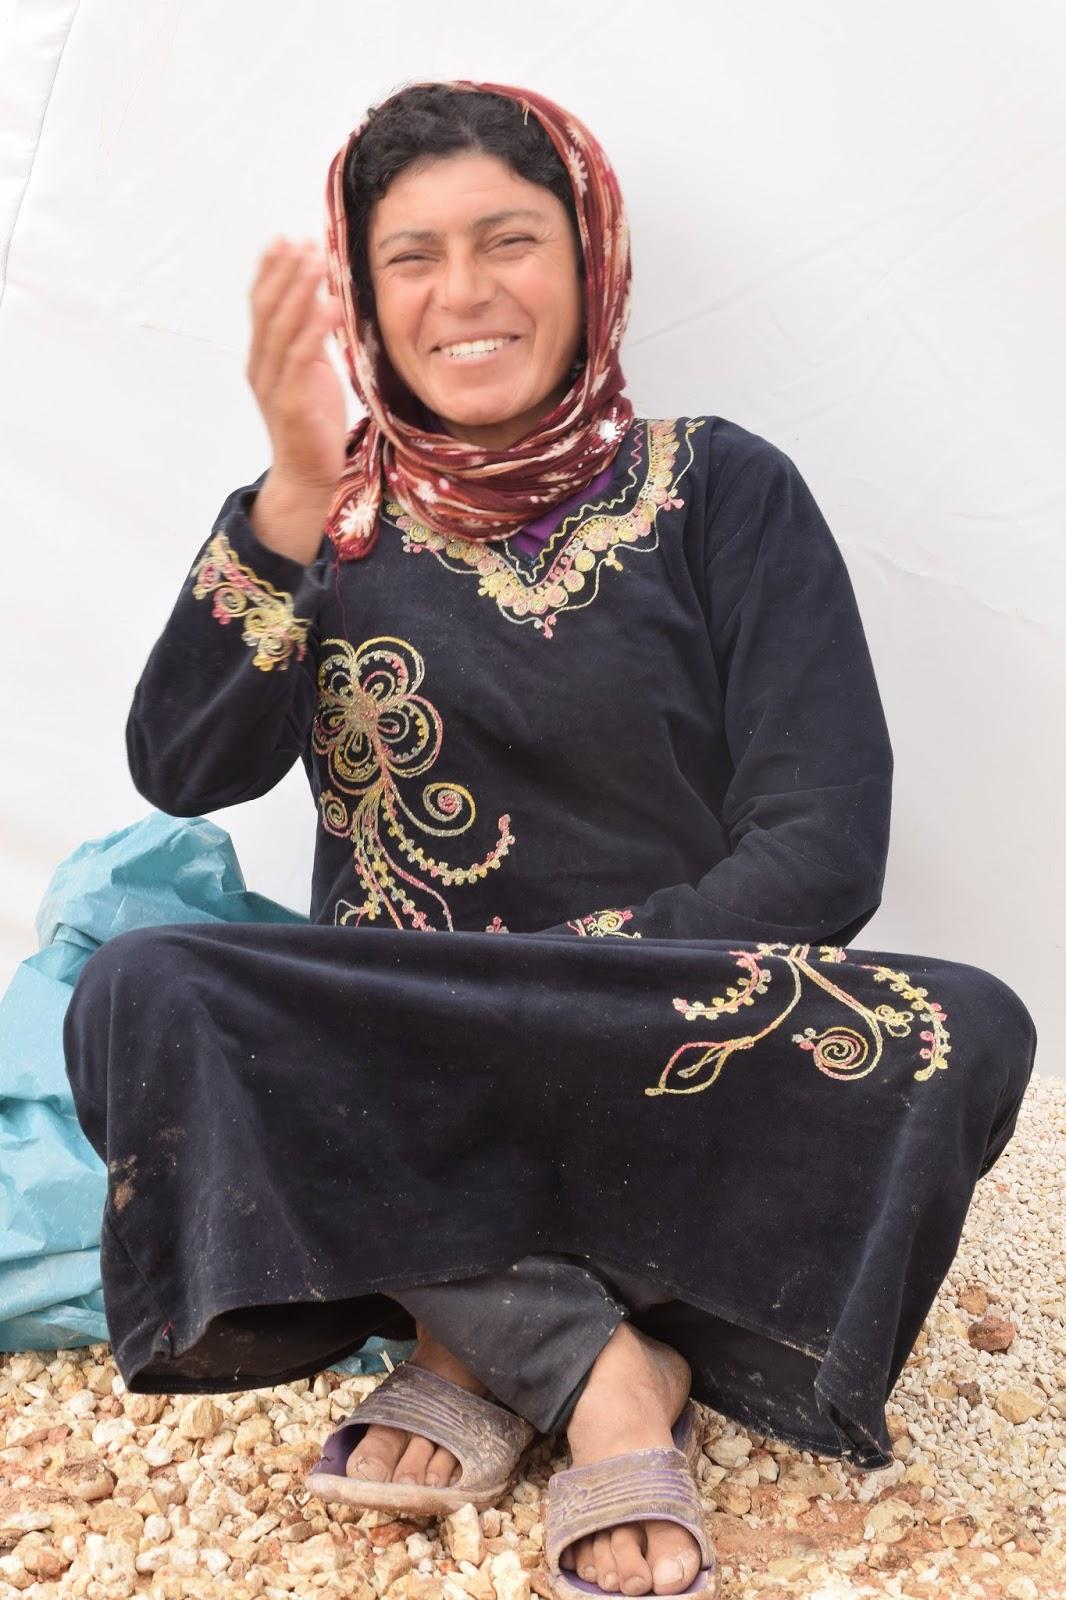 donna curda